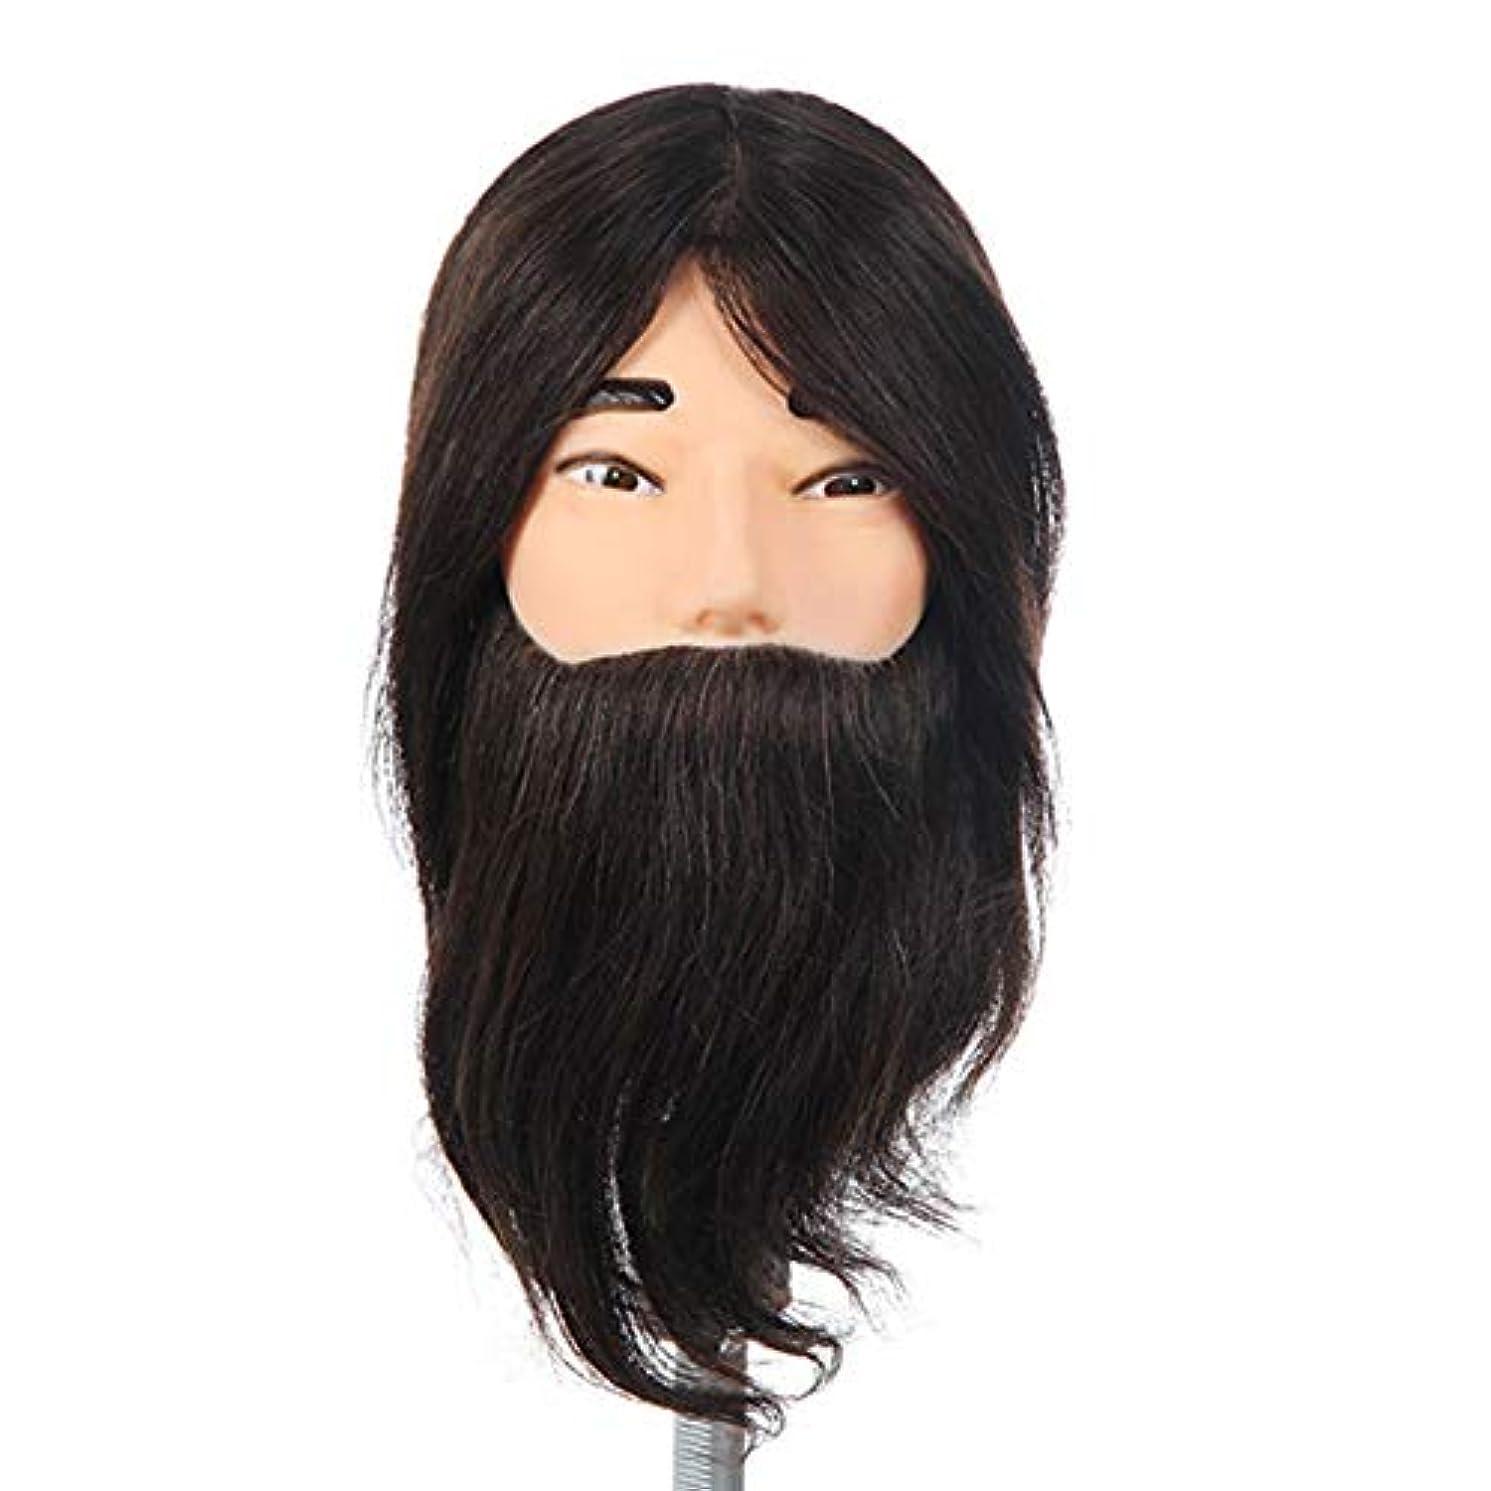 逸脱退却つまずくリアルヘア練習ヘッドモデルヘアサロントリミングパーマ染毛剤学習ダミーヘッドひげを生やした男性化粧マネキンヘッド